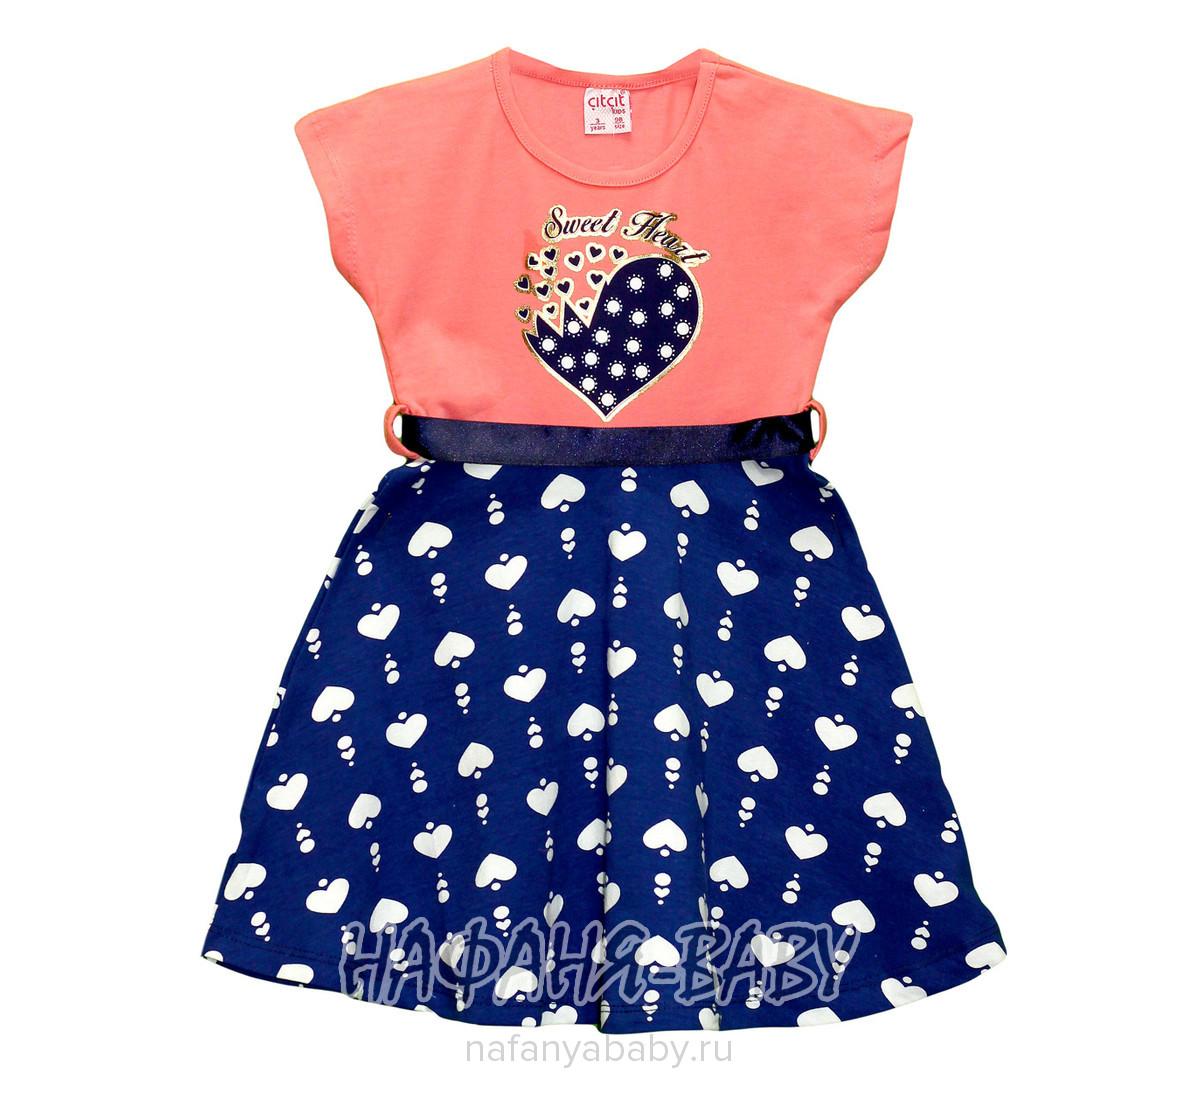 Детское платье Cit Cit арт: 4134, 1-4 года, 5-9 лет, оптом Турция